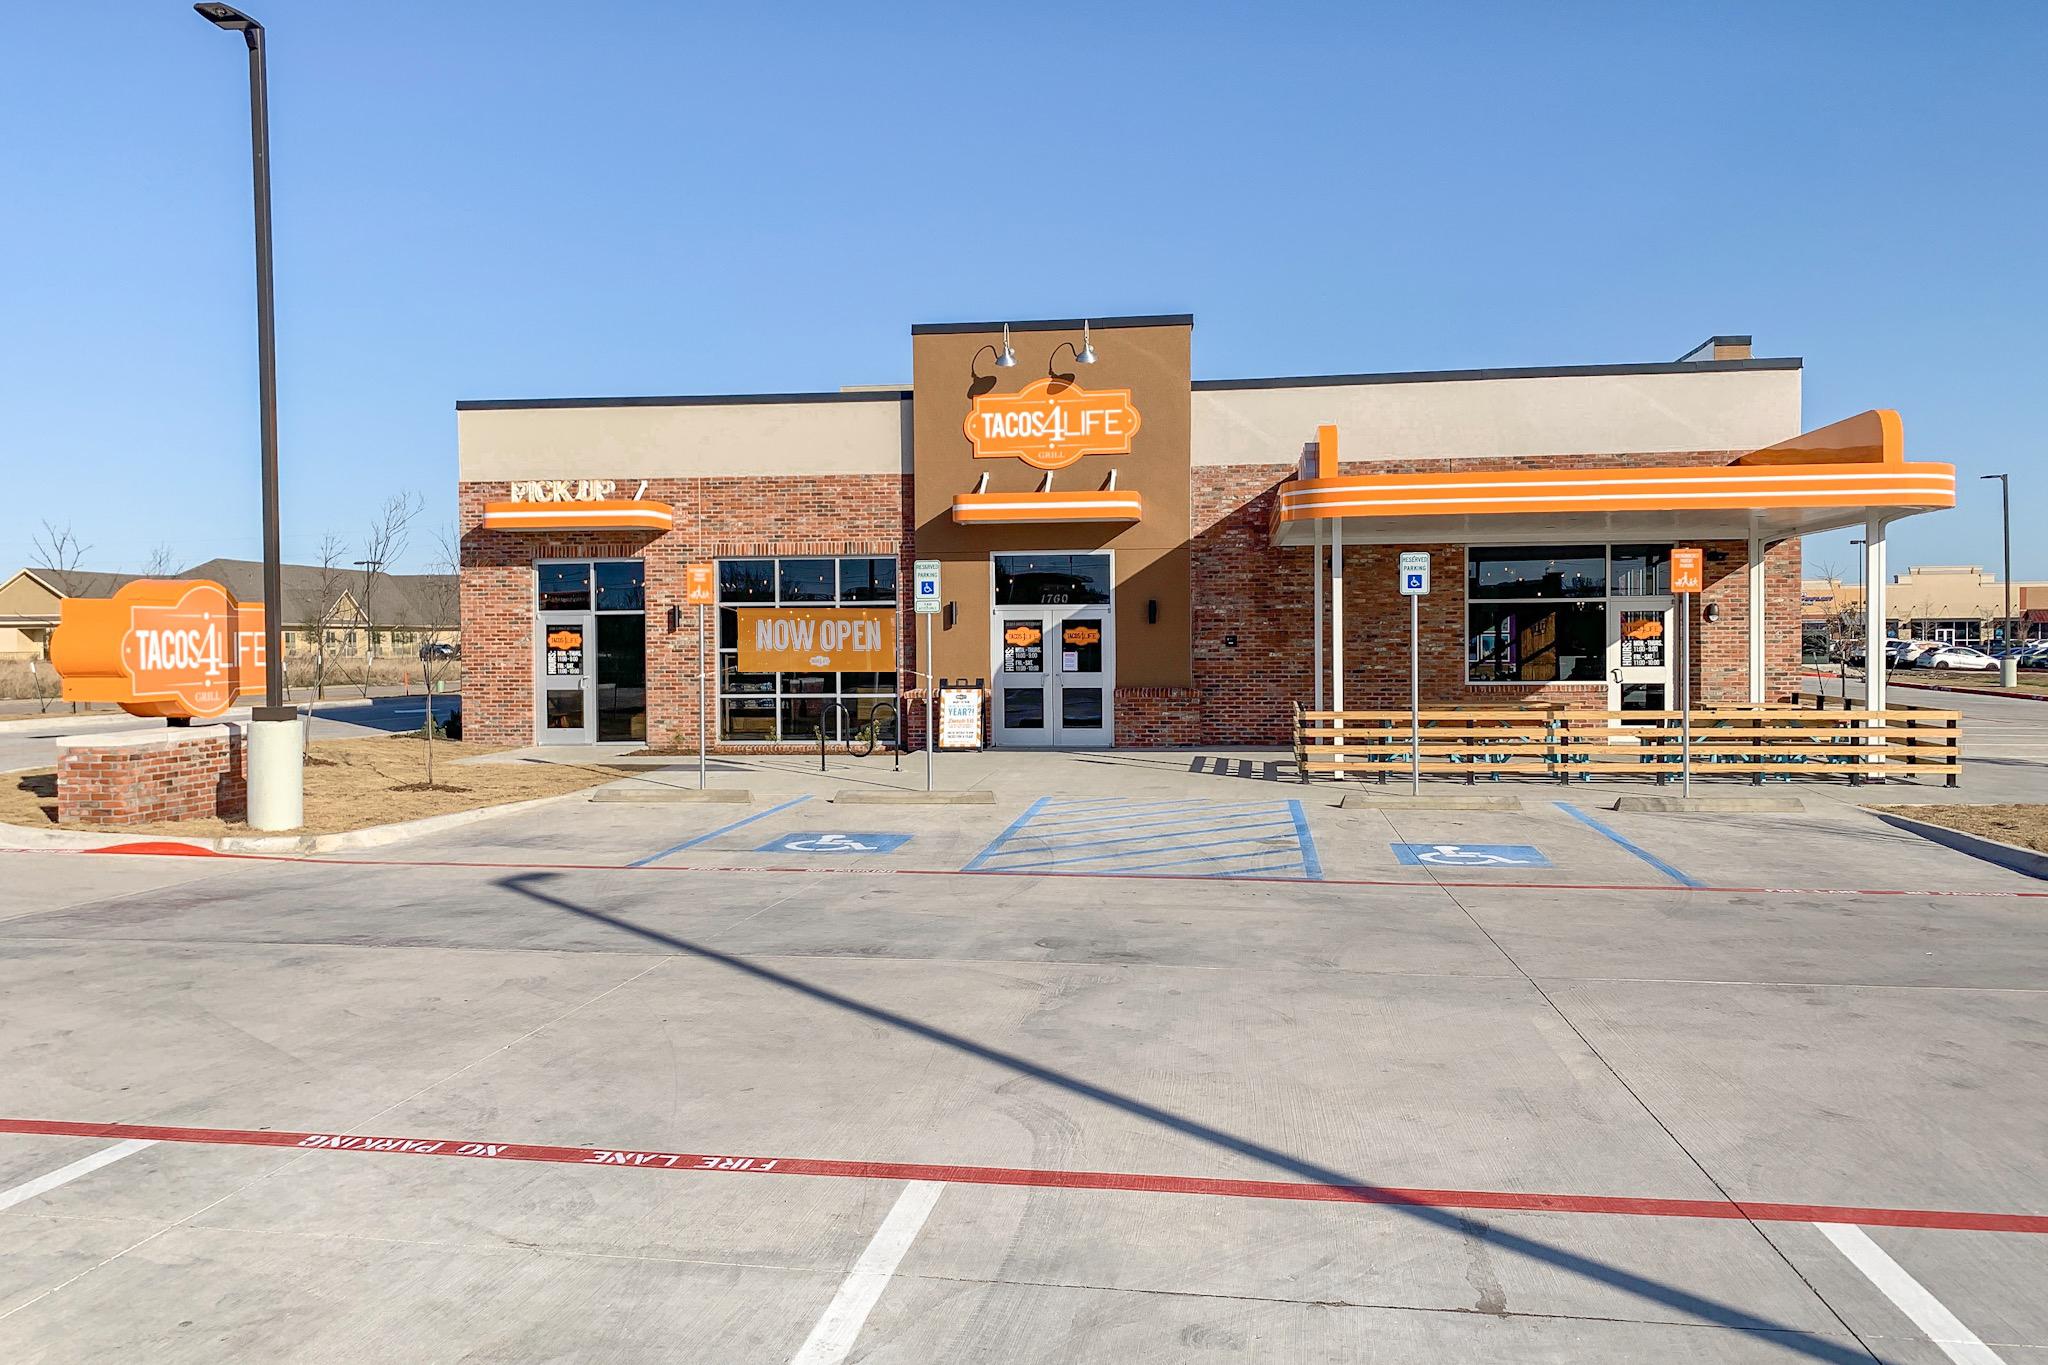 Tacos 4 Life in Waxahachie, TX